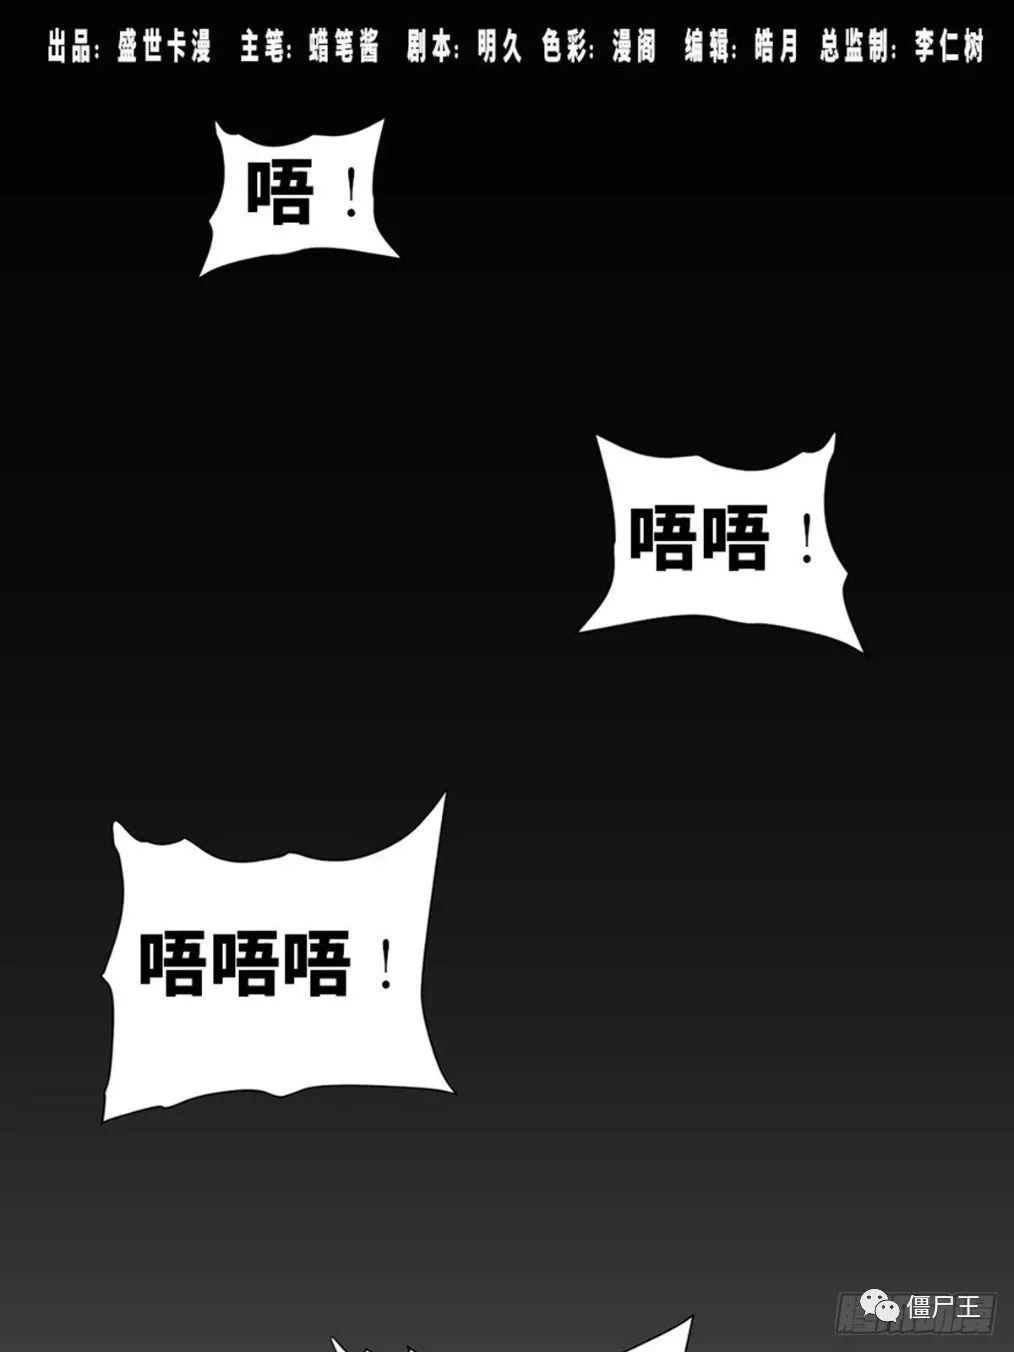 僵尸王漫画:心跳300秒之槽点